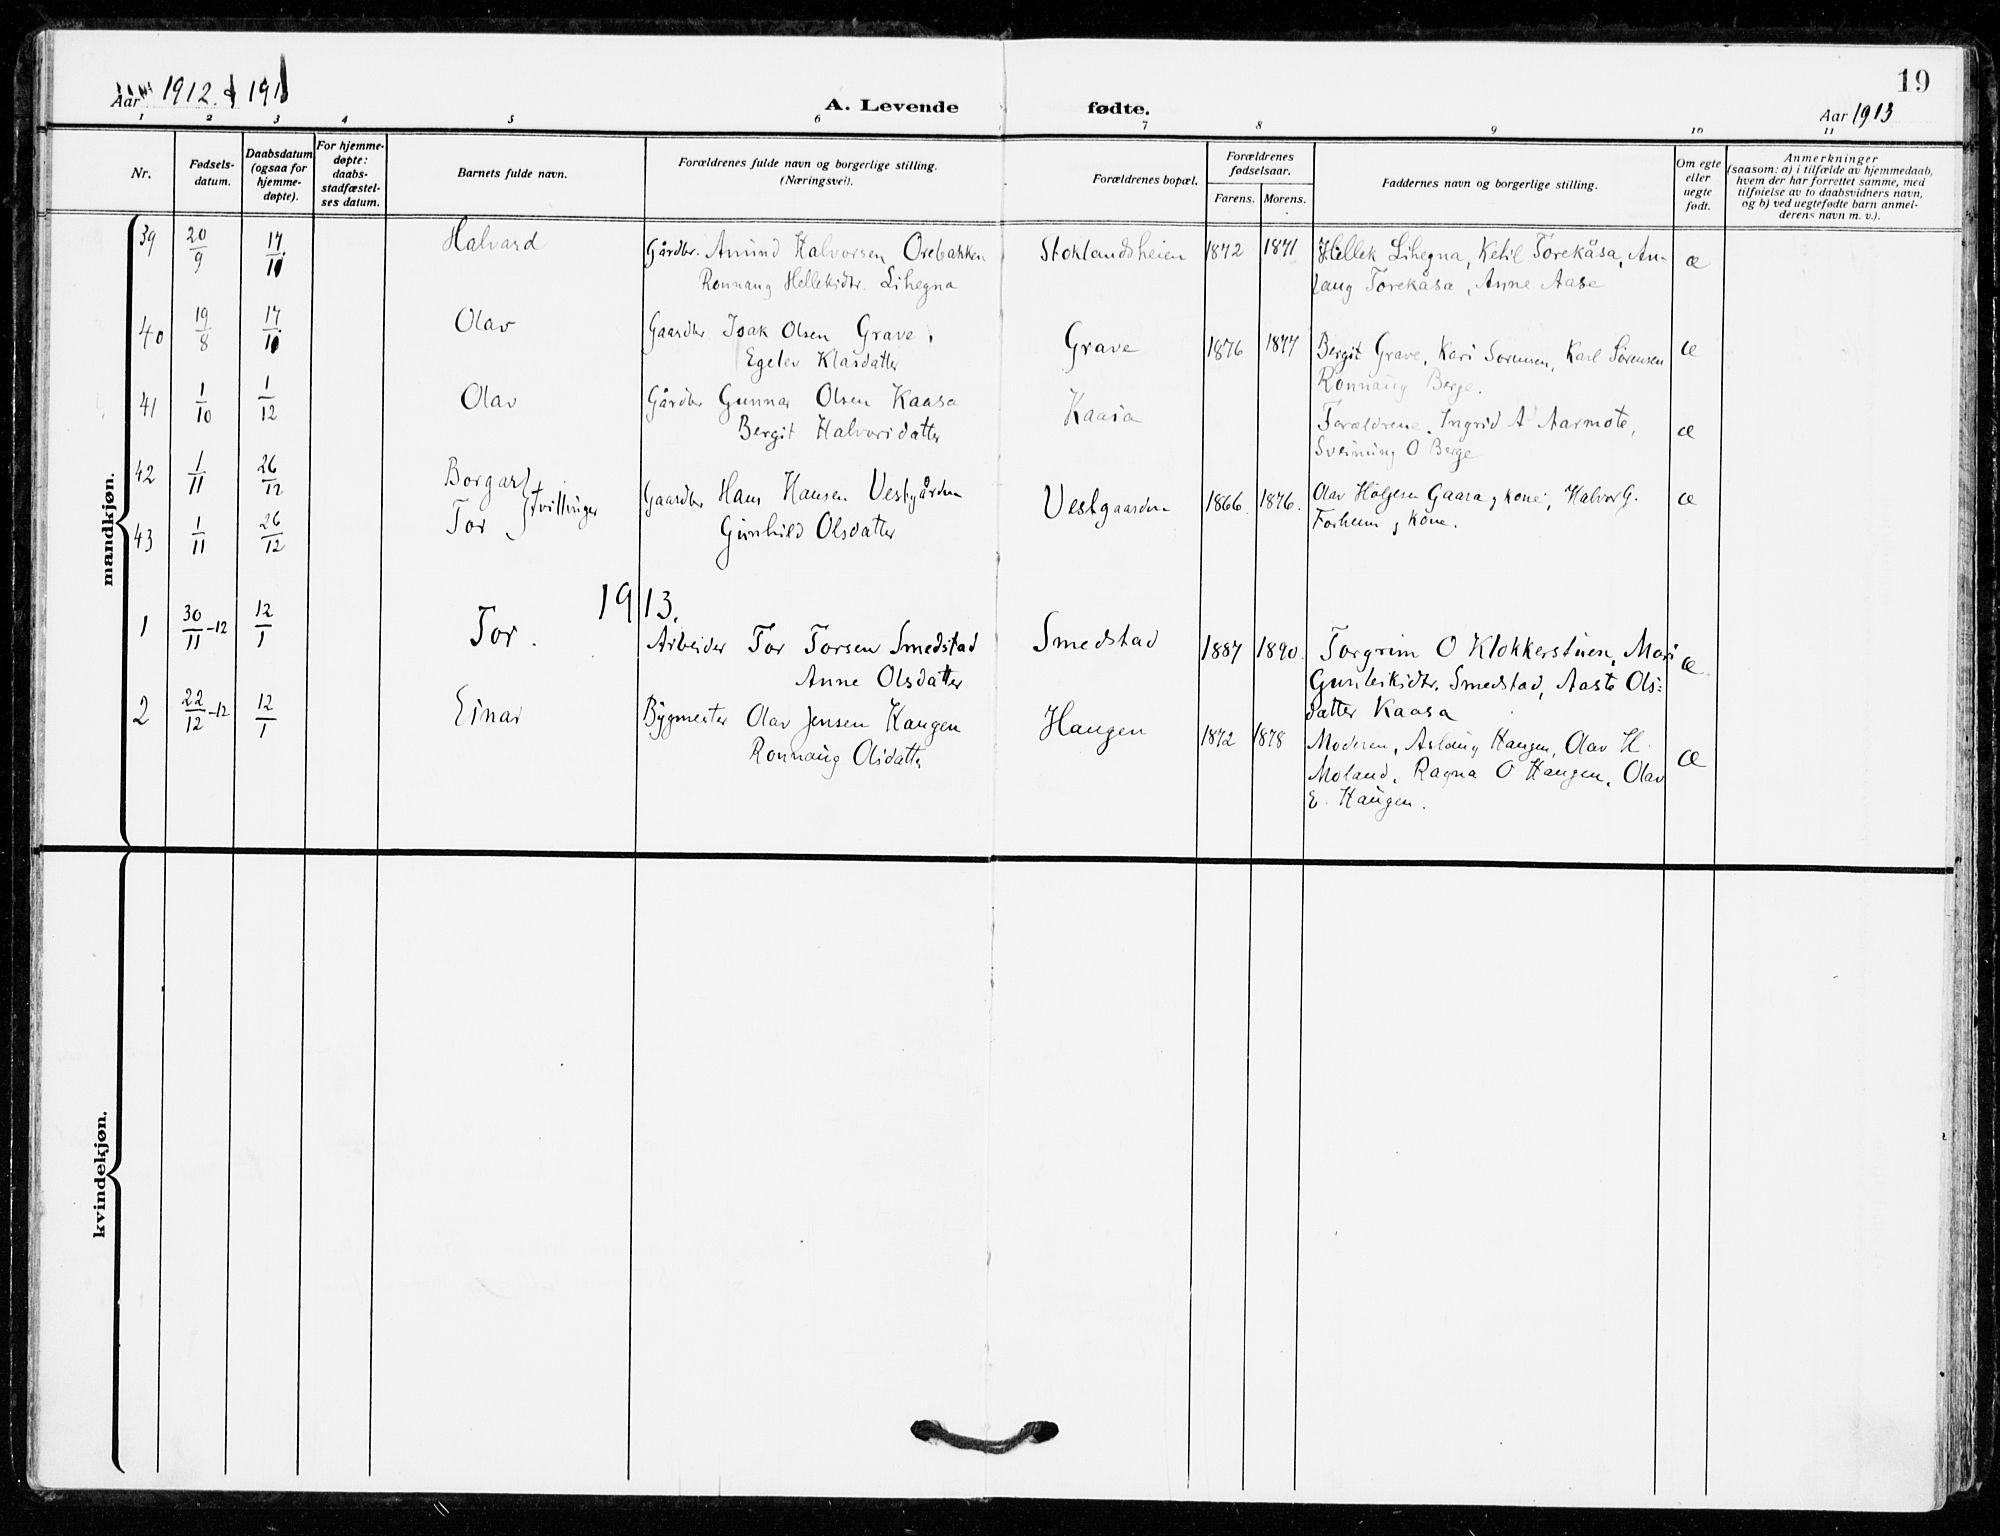 SAKO, Bø kirkebøker, F/Fa/L0013: Ministerialbok nr. 13, 1909-1921, s. 19